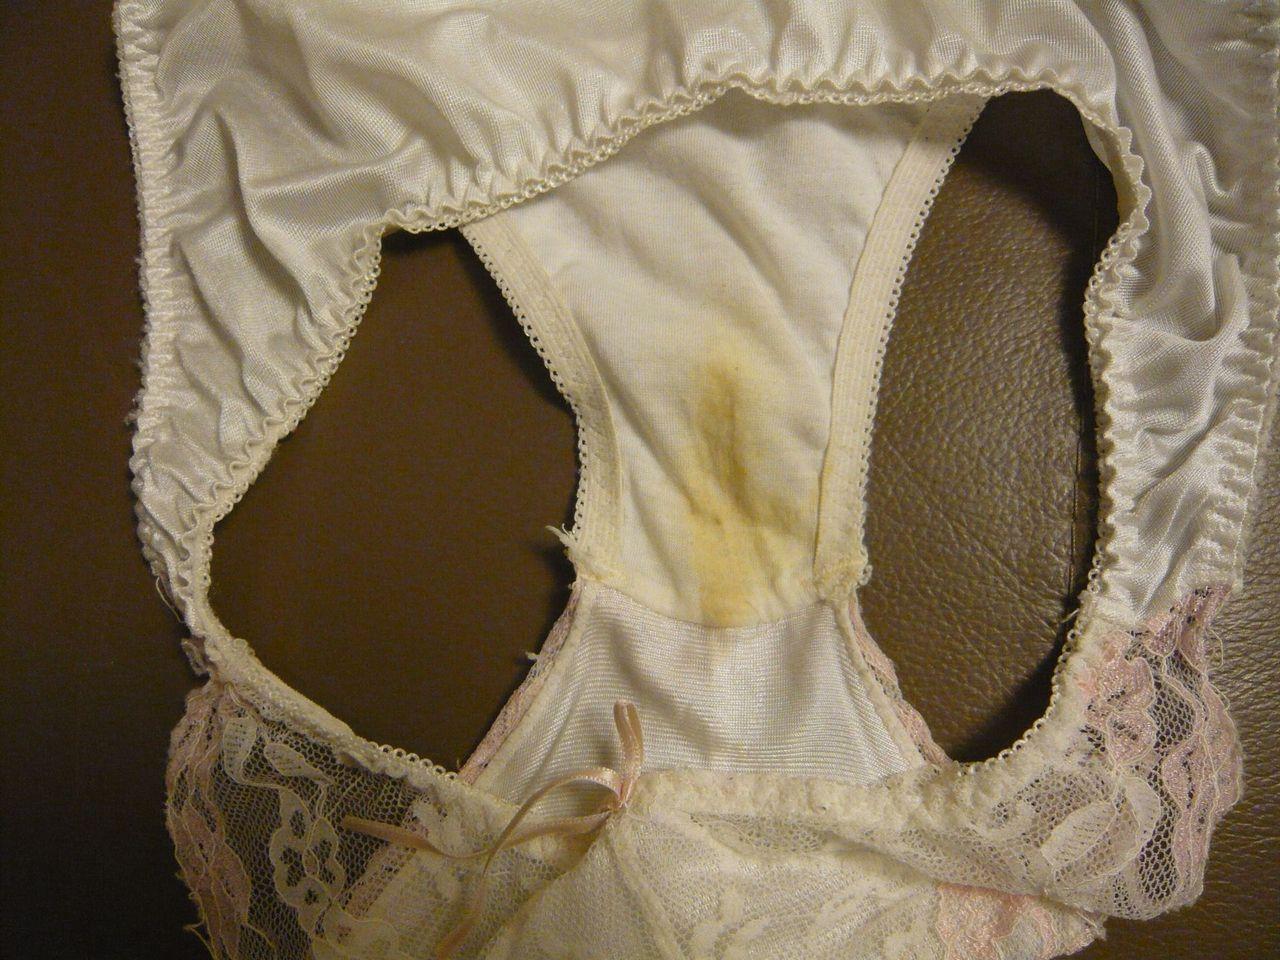 ヤリマンキャバ嬢姉の洗濯機の中の下着盗撮エロ画像11枚目